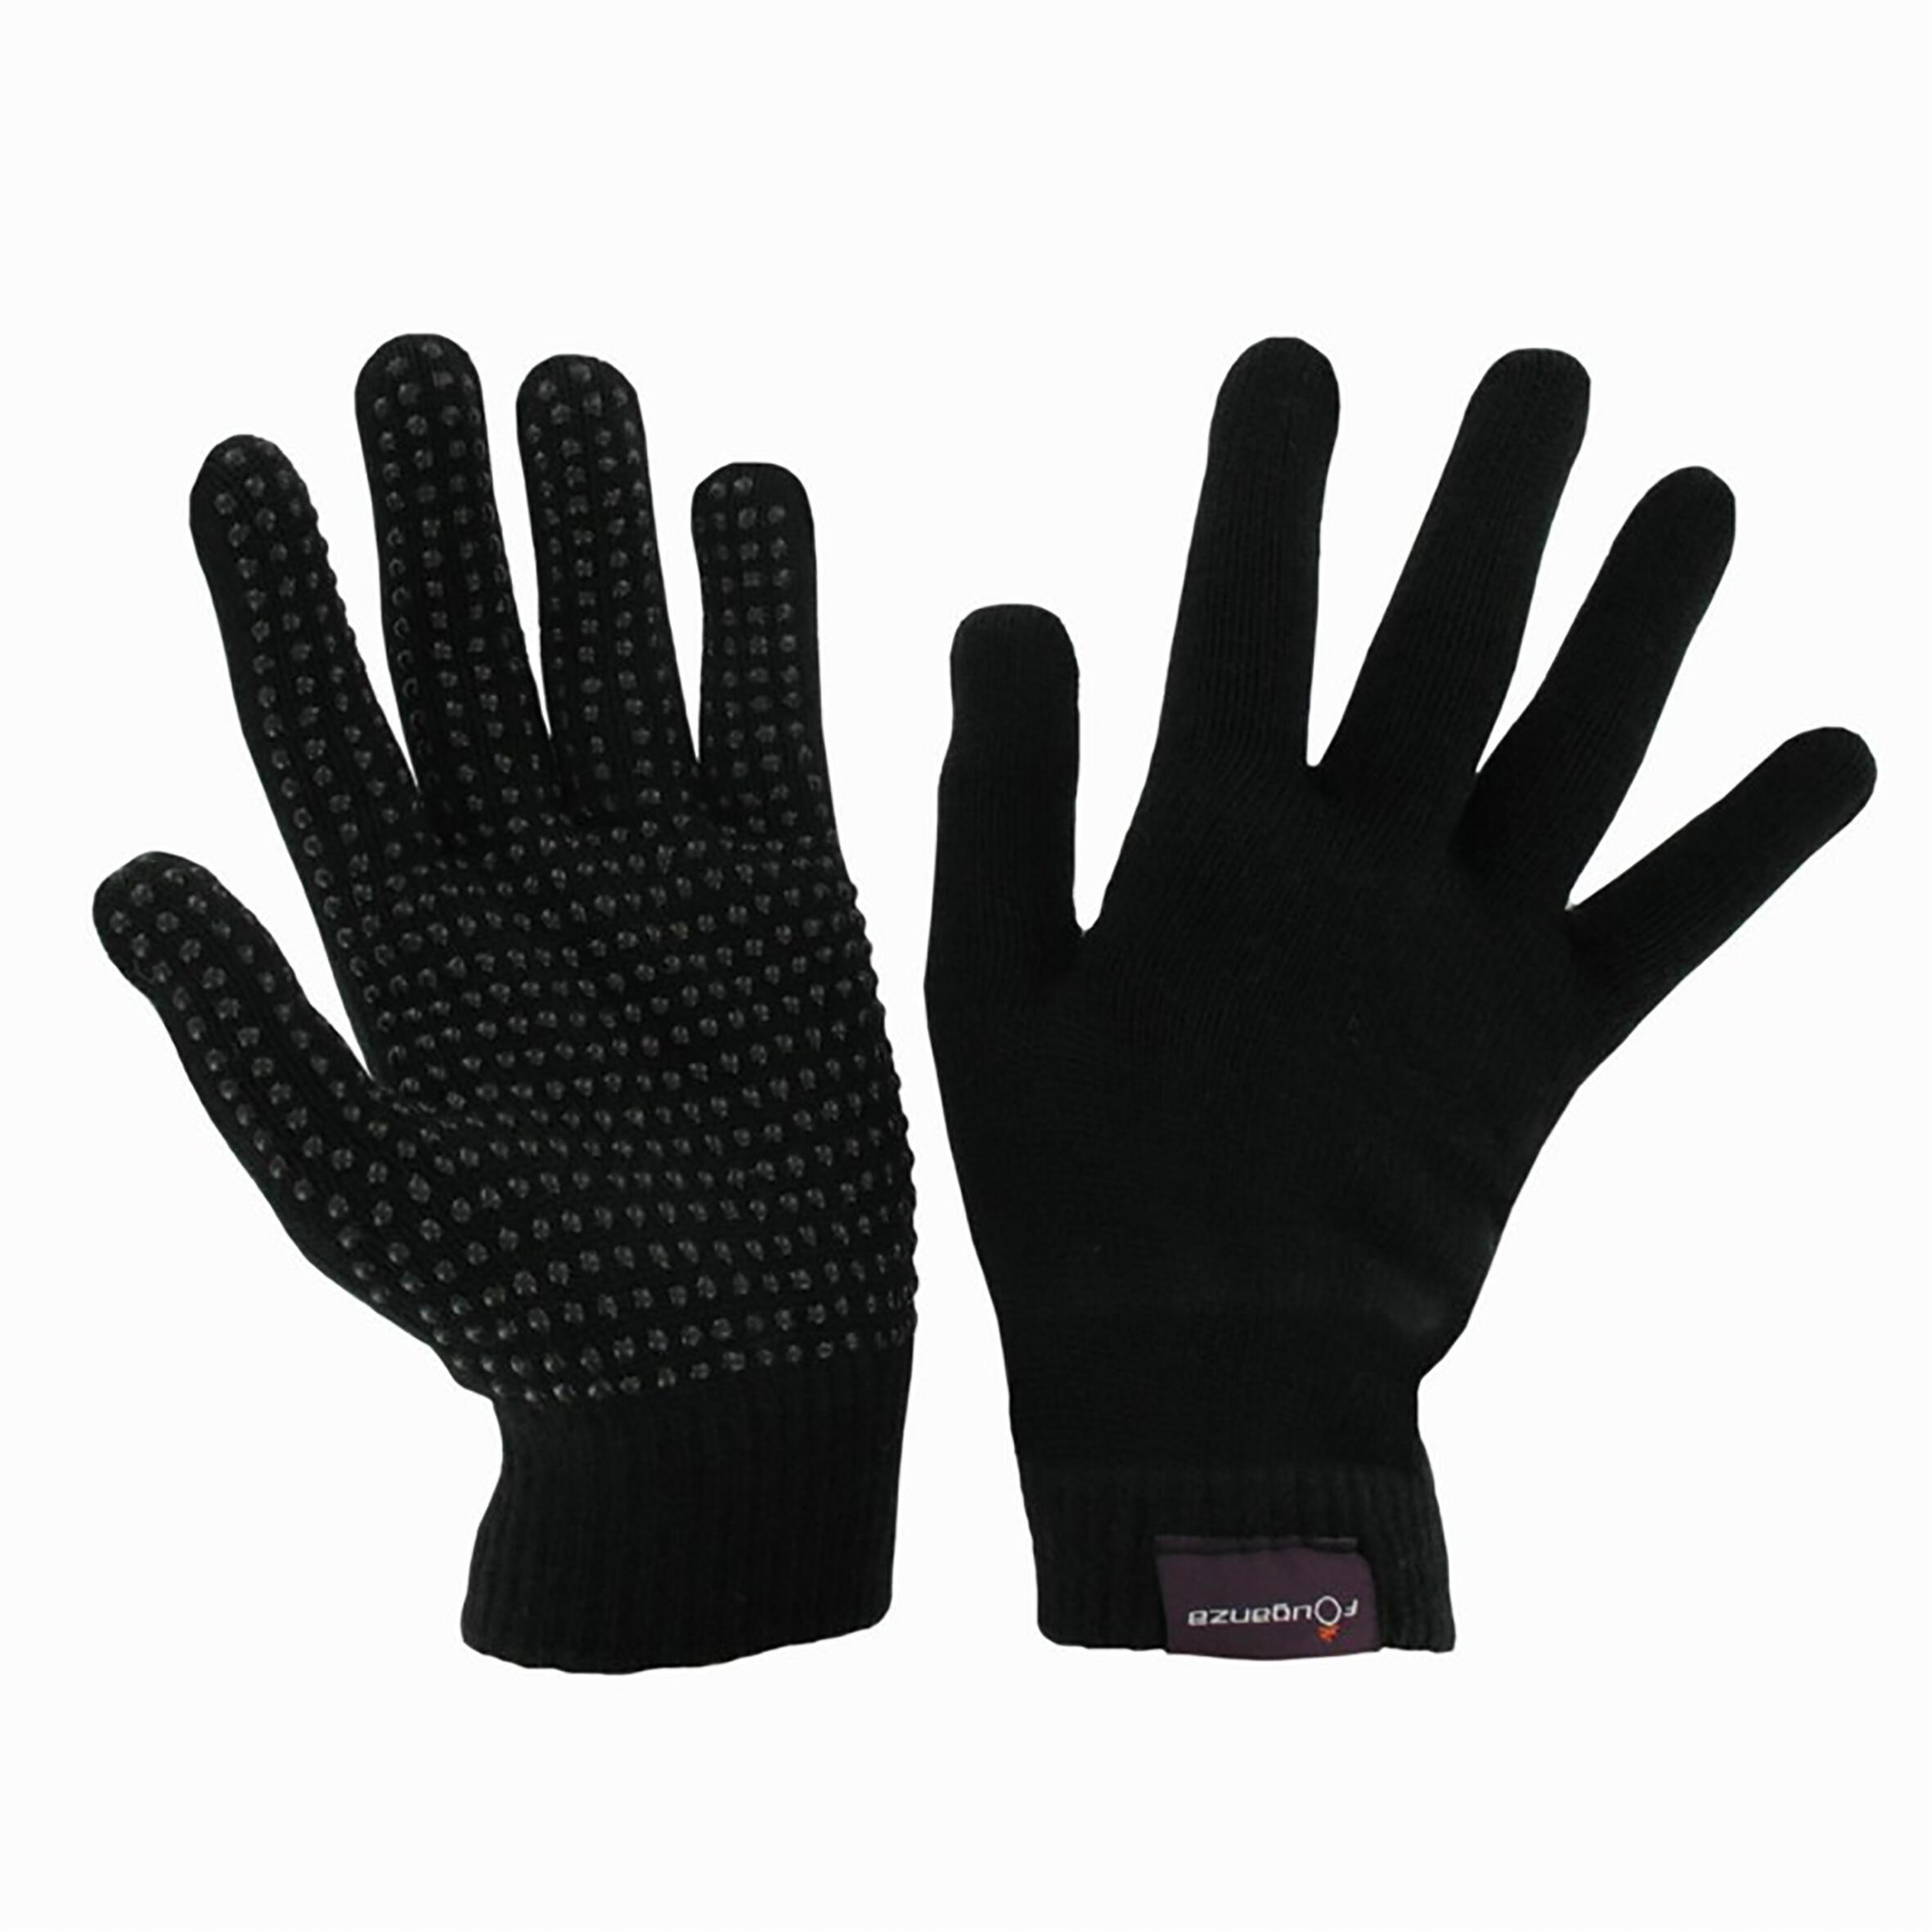 handschoenen kopen? decathlon nlHandschoenen #15